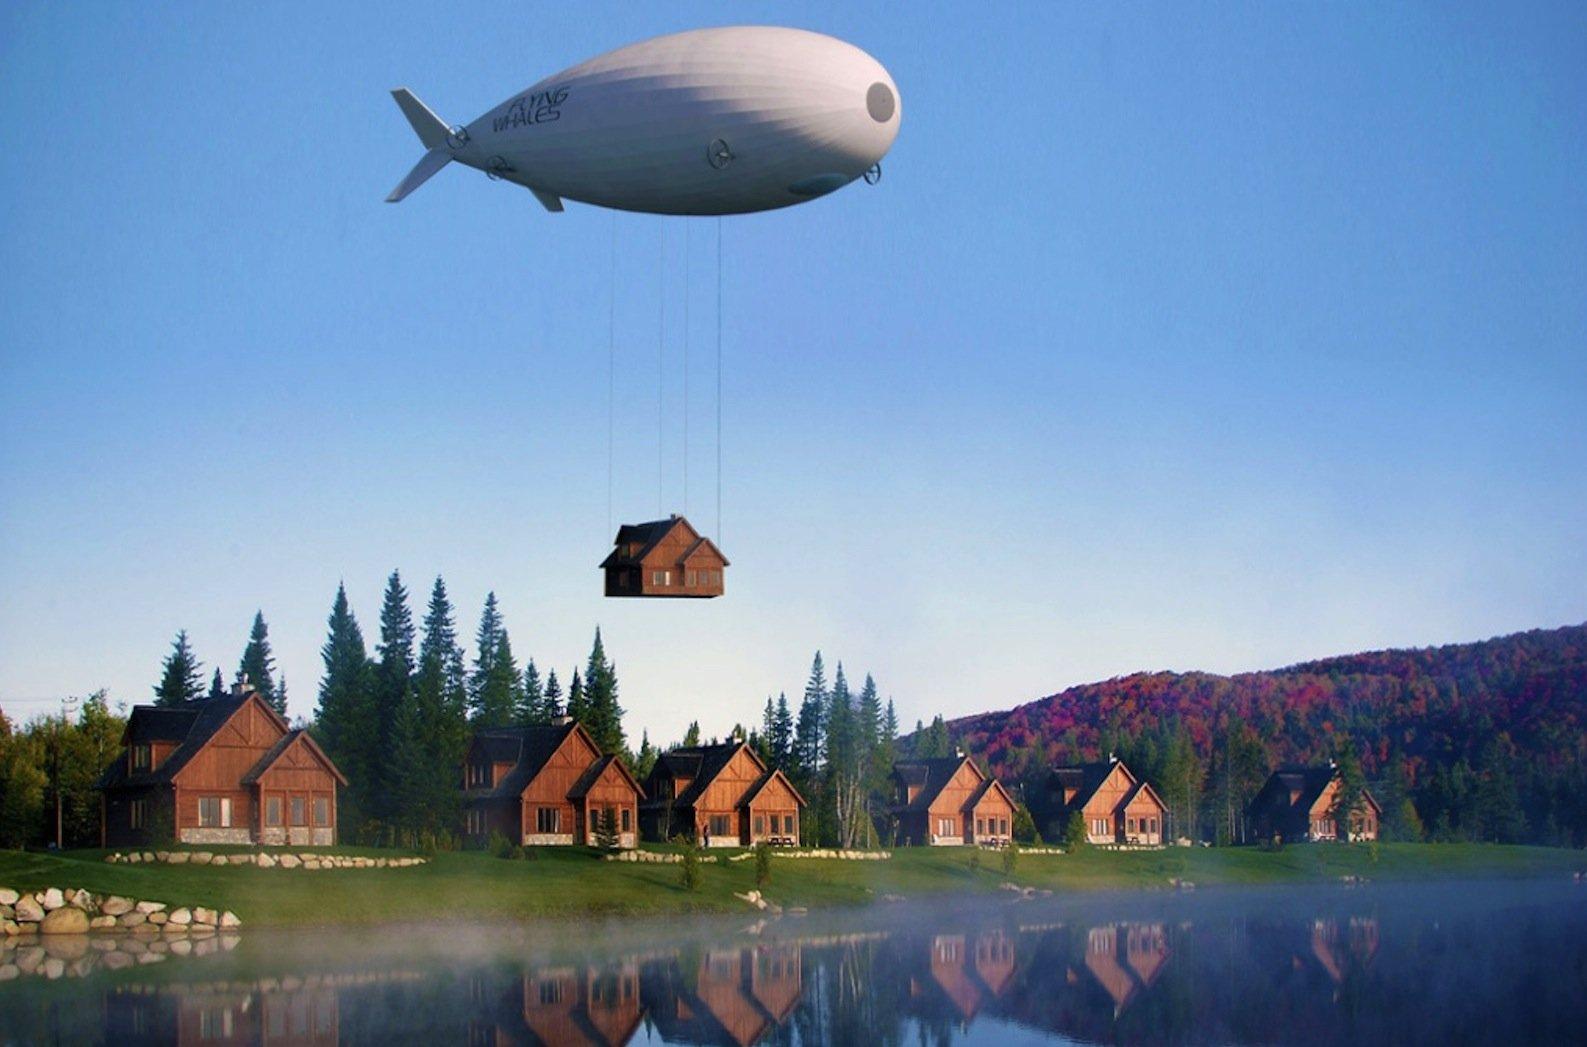 Der fliegende Wal wird laut Skeleton Technologies übergroße Ladungen mit bis zu 60 t entweder in einem 75 m langen Laderaum oder unterhalb des Rumpfes frei hängend transportieren können.